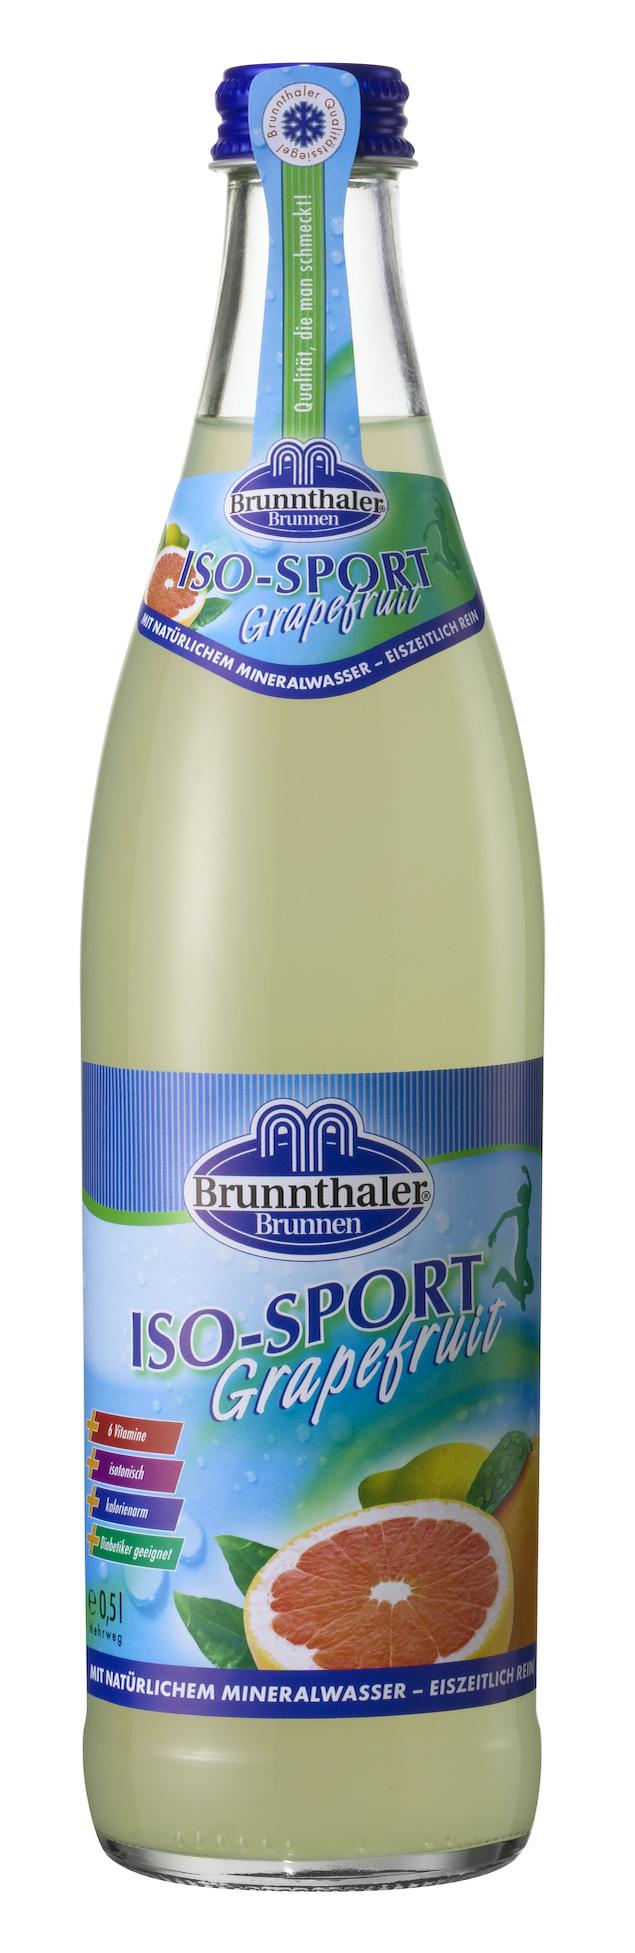 BRUNNTHALER Iso-Sport Grapefruit 20/o,5 Ltr. | Lieferservice ...